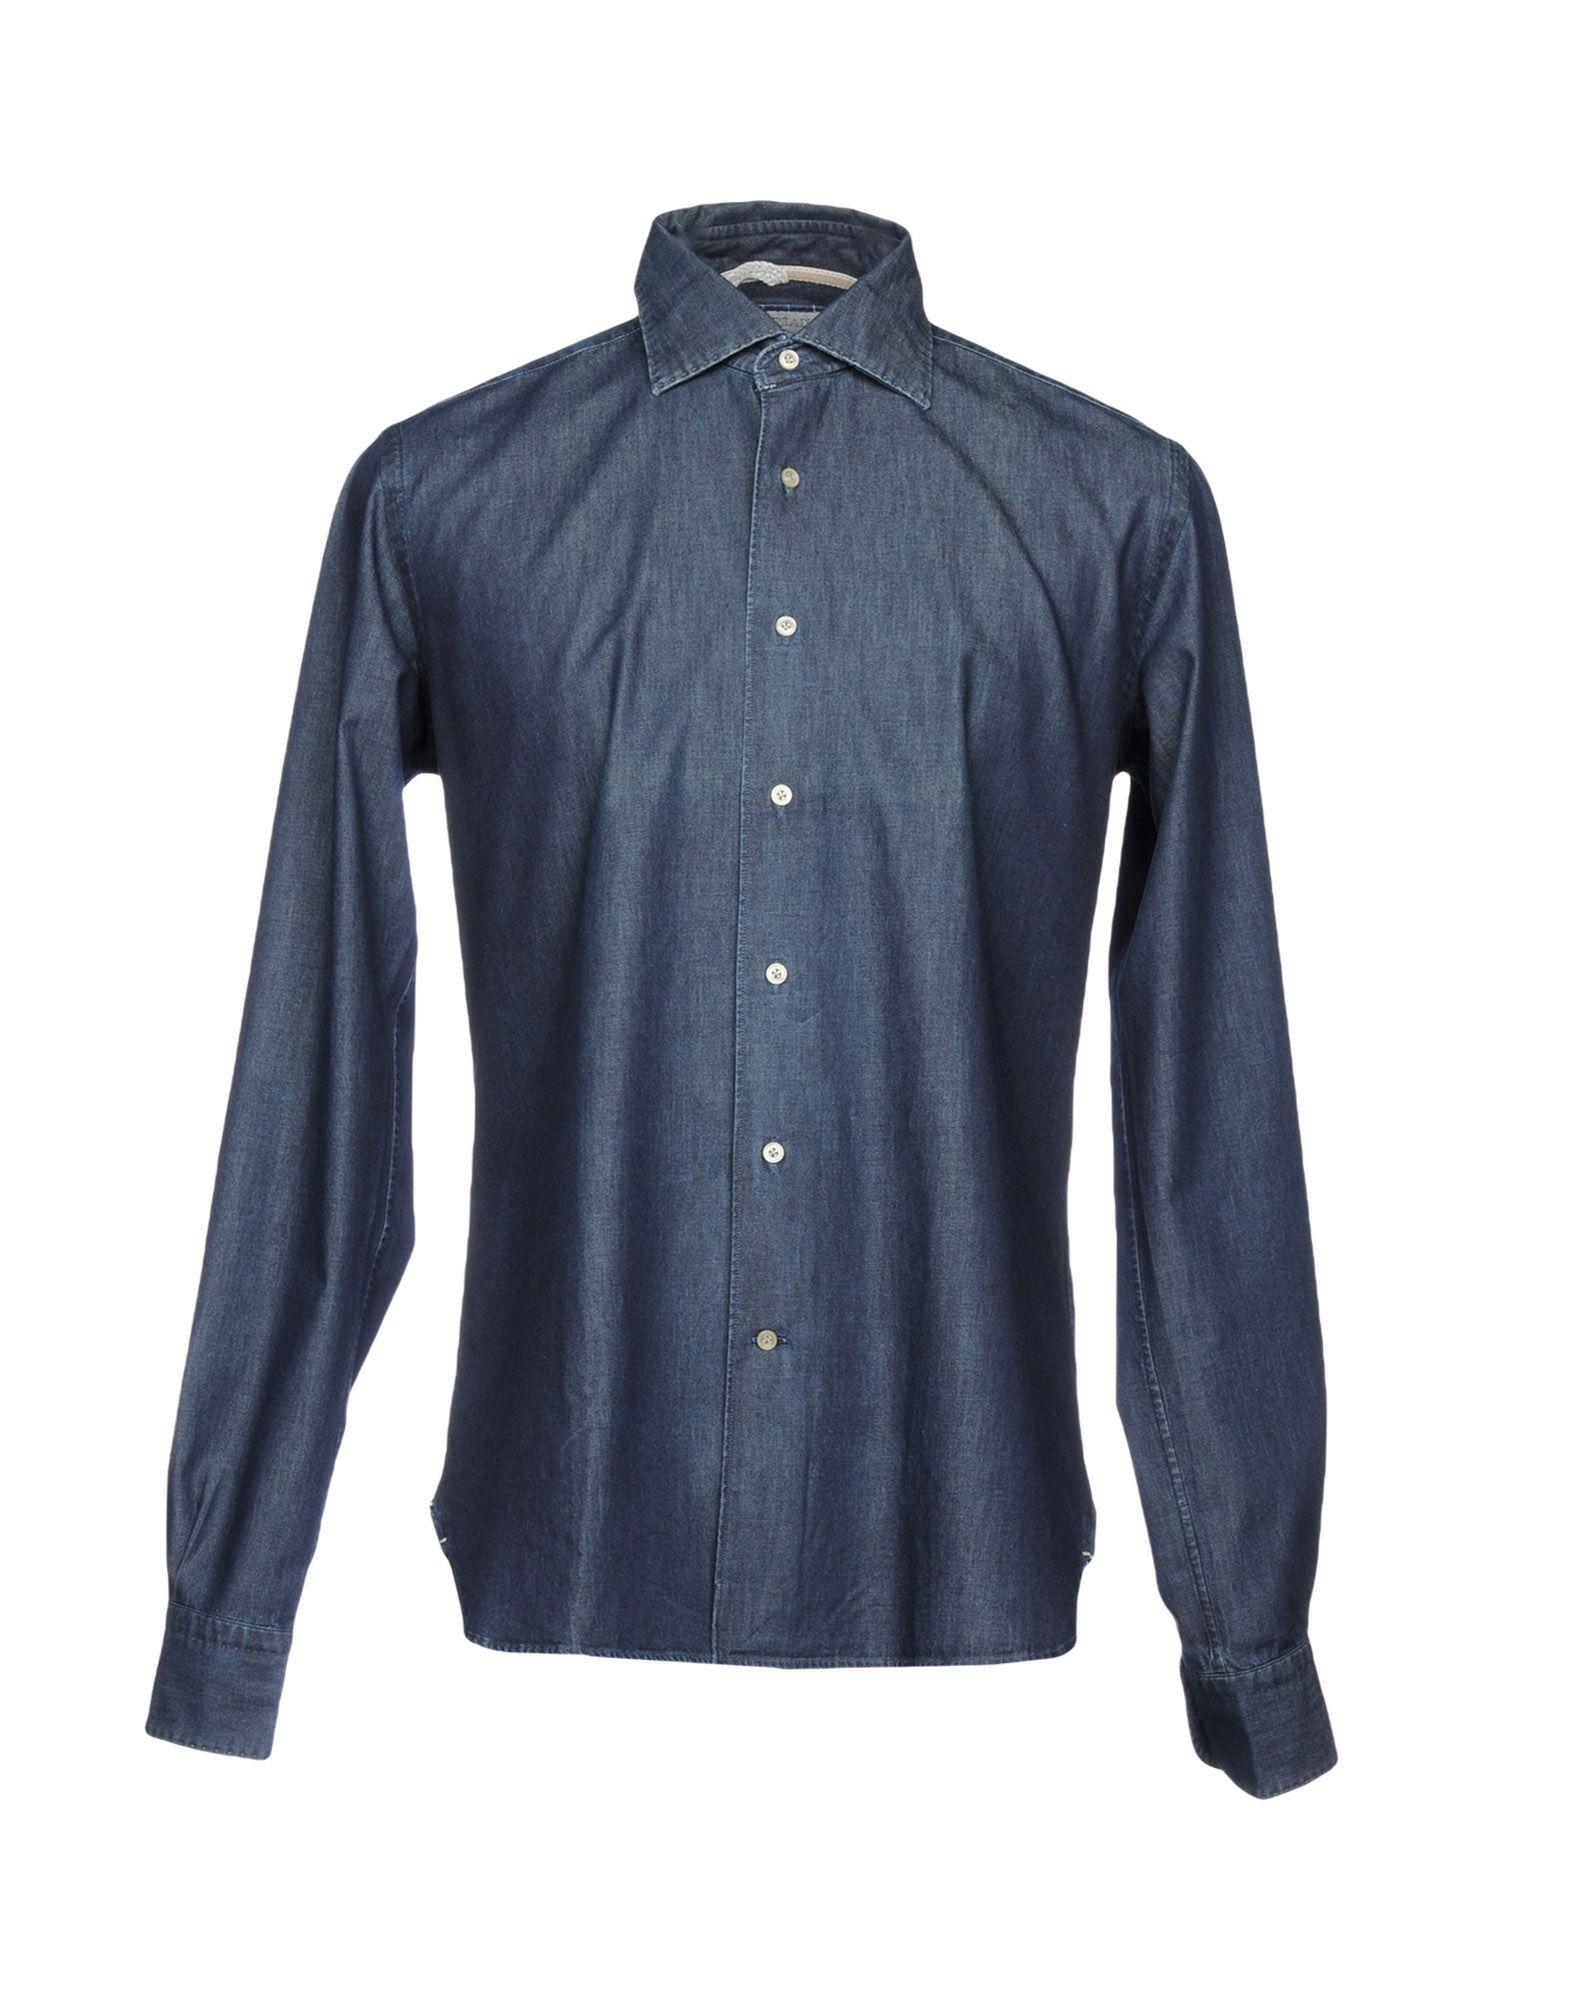 ORIAN Джинсовая рубашка рубашка джинсовая с рисунком сердце 3 12 лет